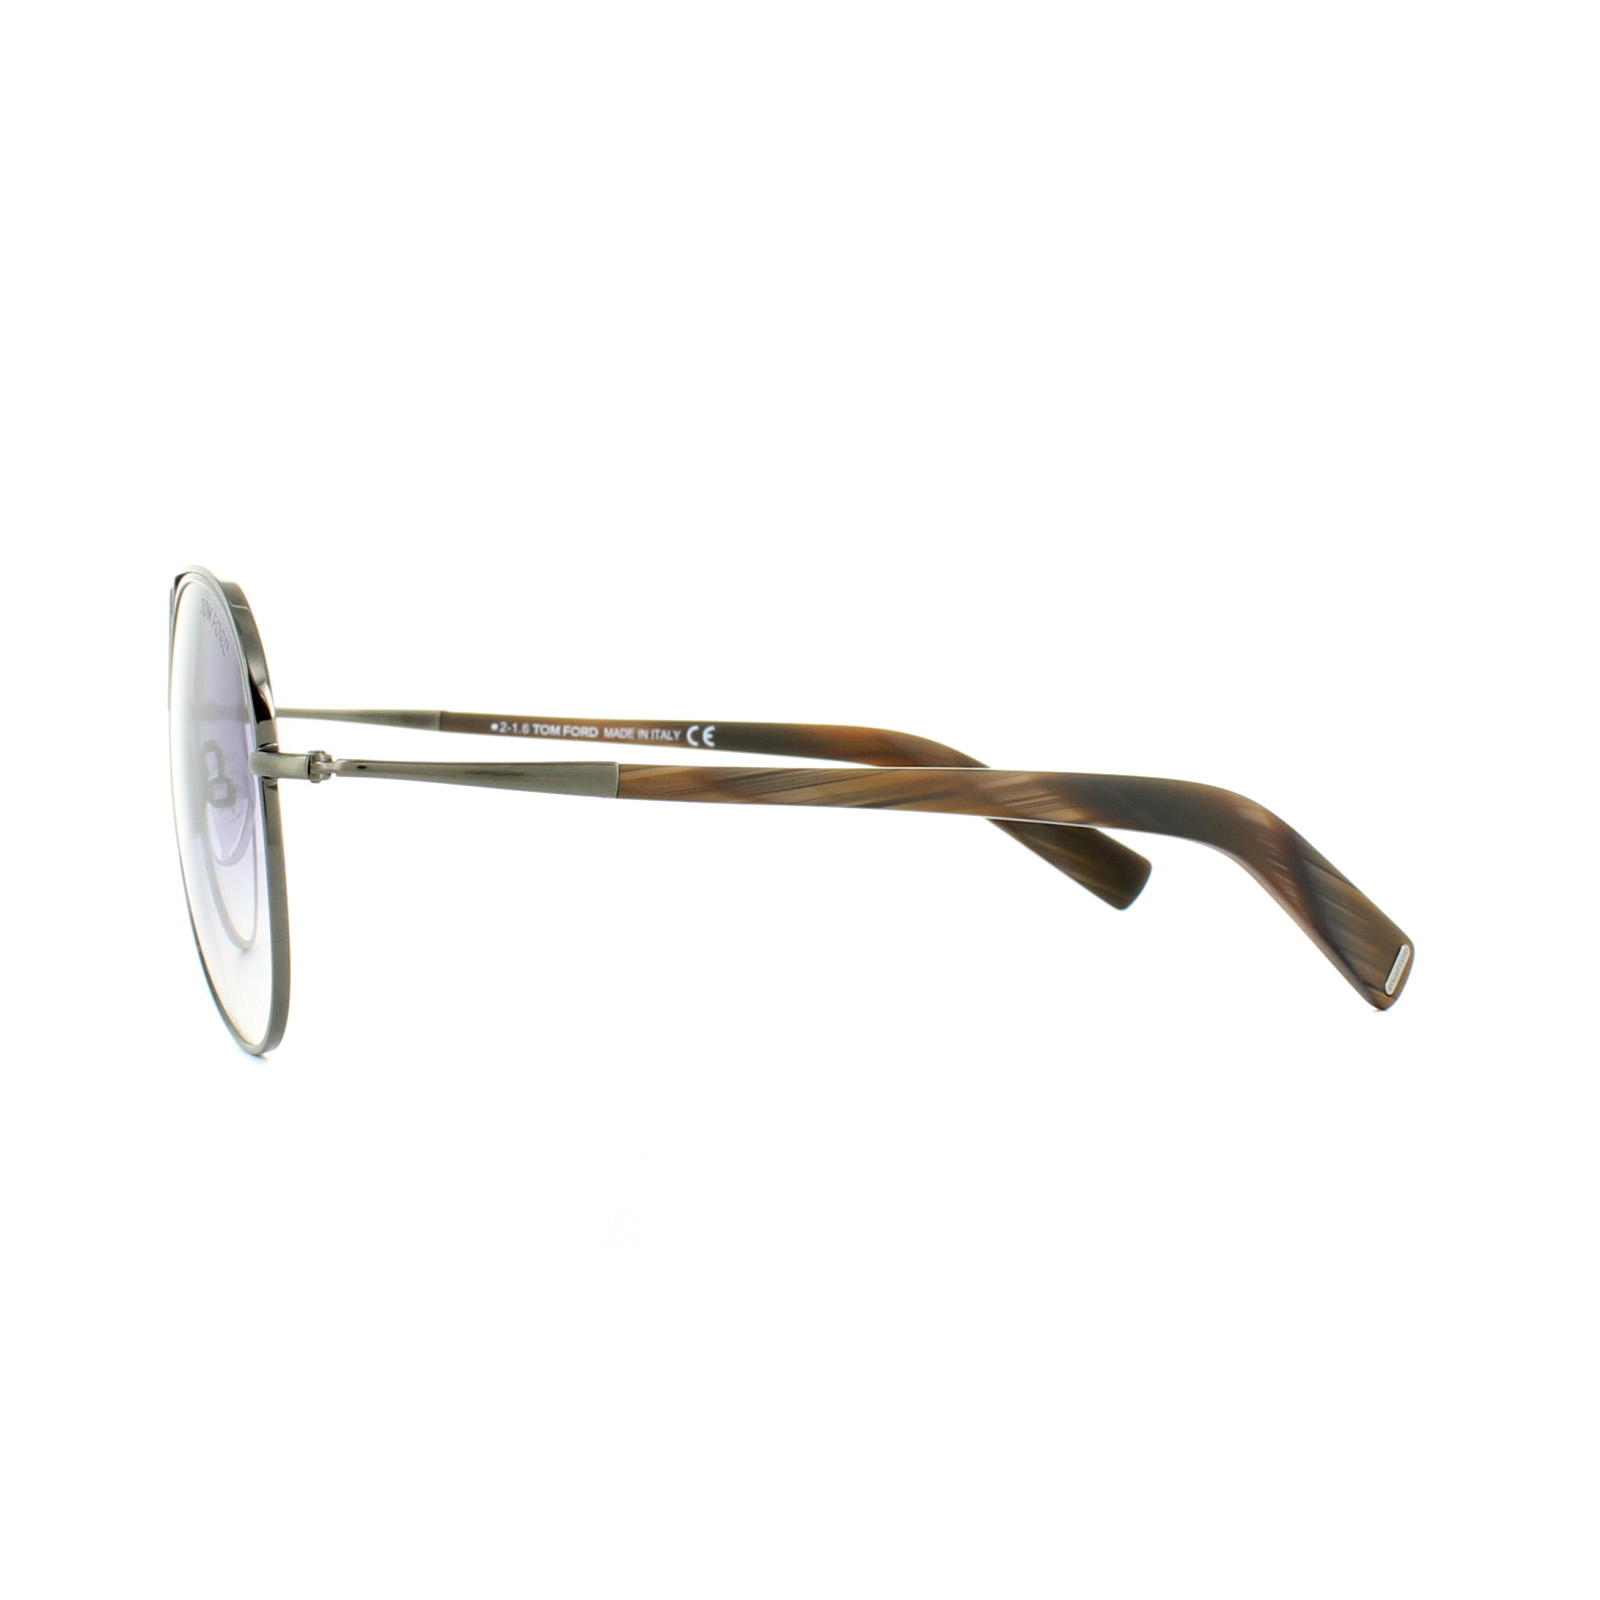 915e8e5f462 Sentinel Tom Ford Sunglasses 0448 Cody 48Z Dark Shiny Brown Purple Gradient  Mirror